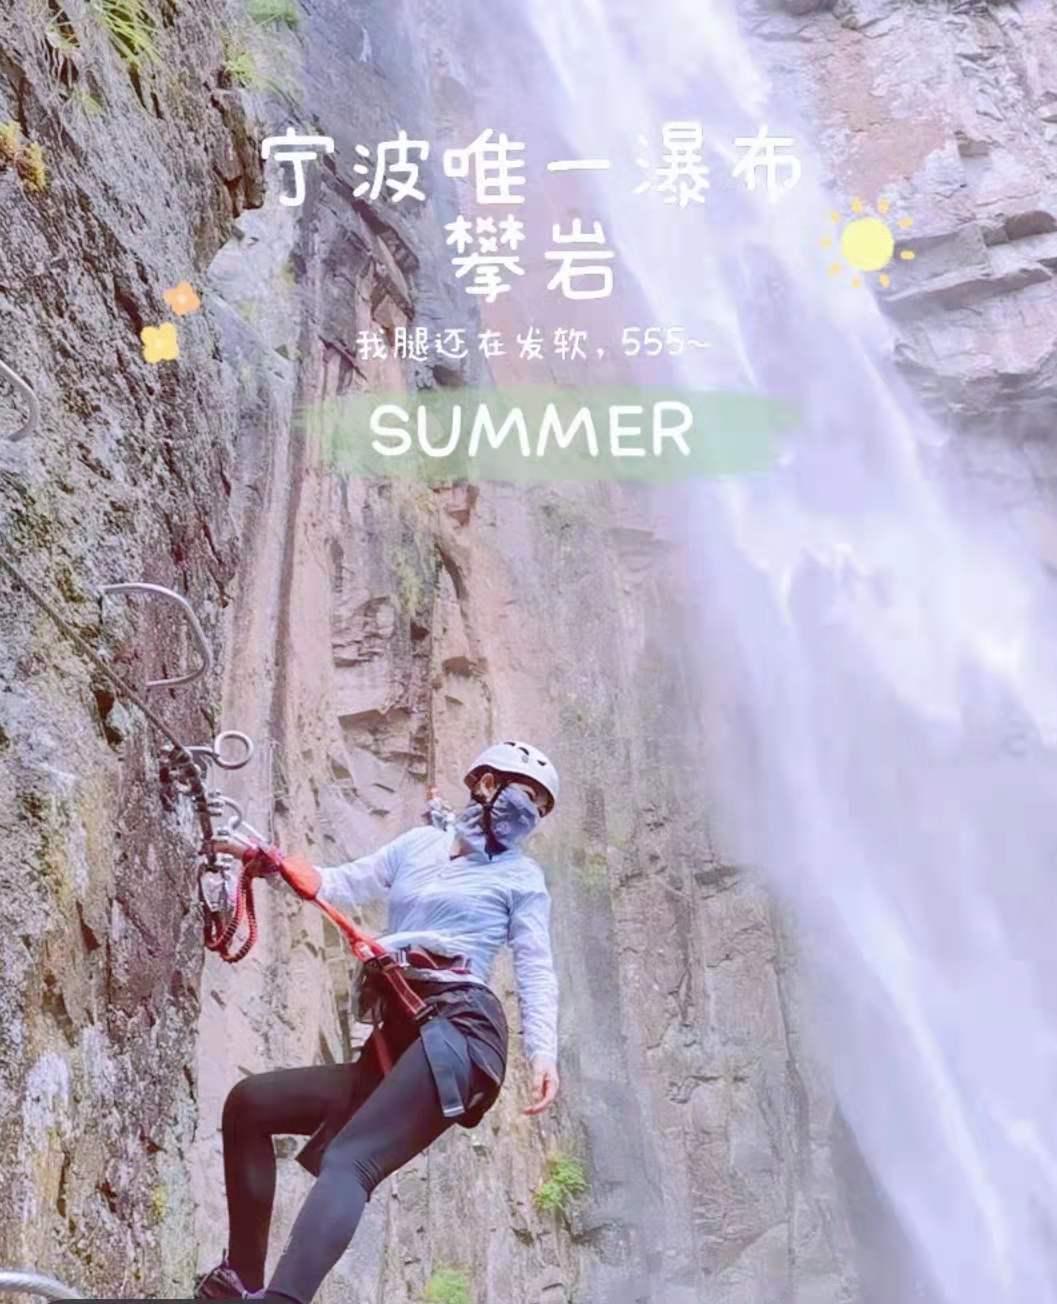 """宁波哪里好玩?媲美华山""""长空栈道""""的瀑布攀岩,湿身刺激体验"""